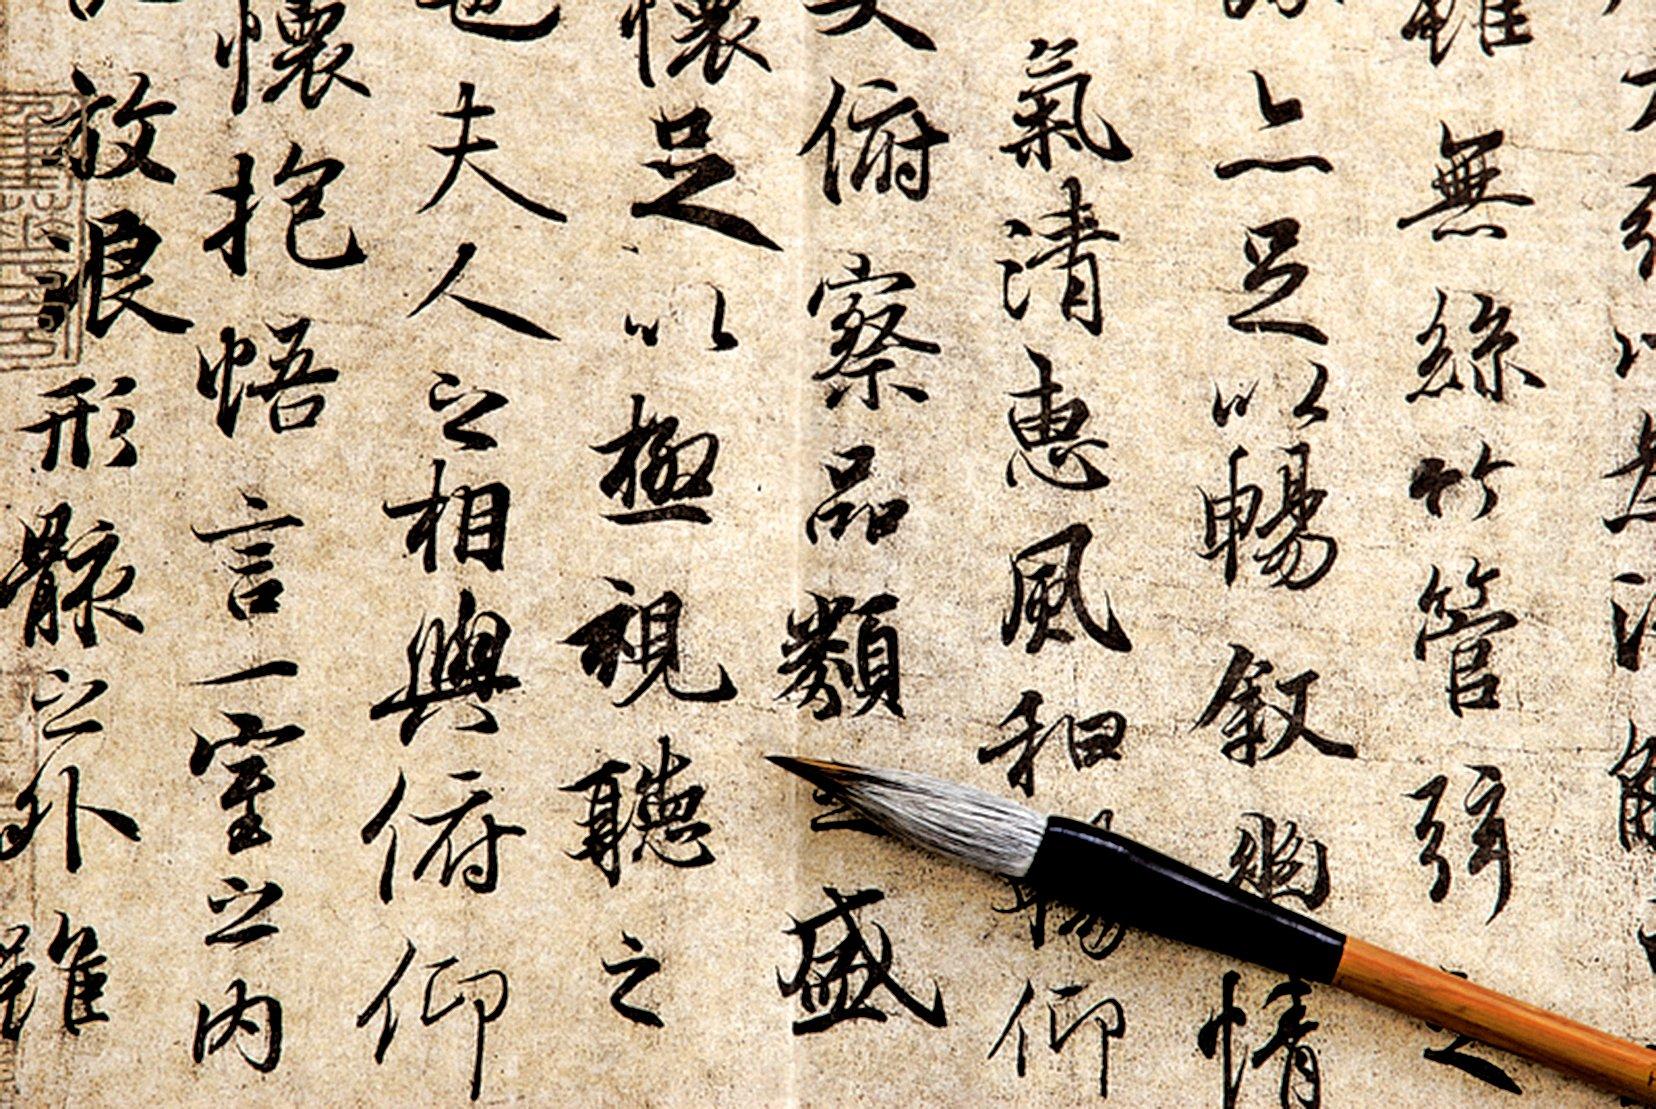 中國古董米色紙用毛筆書法文字